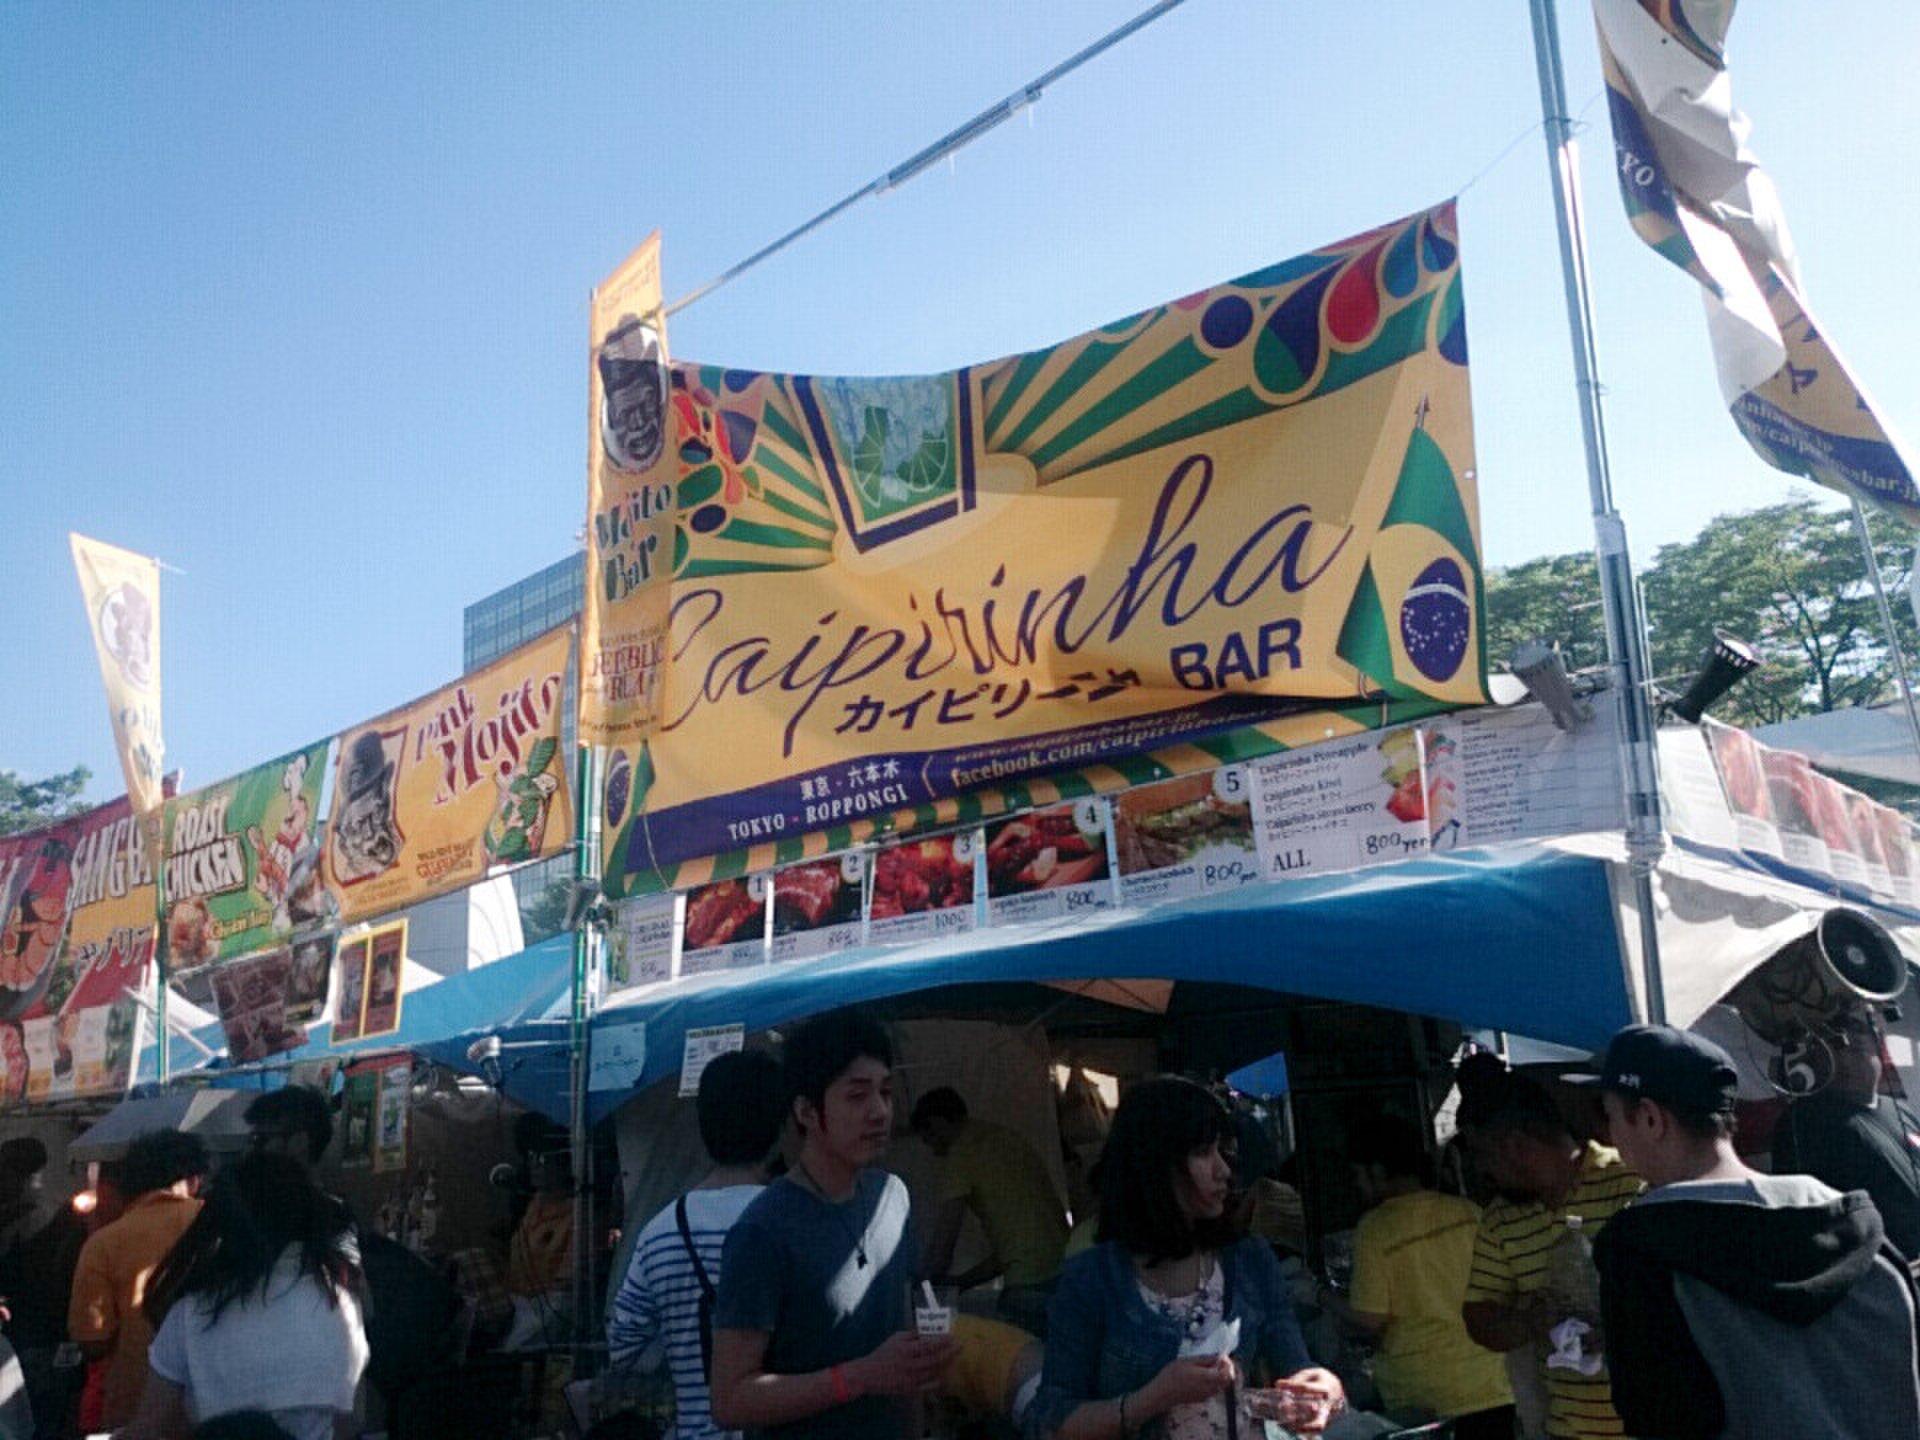 夏はフェスティバルが熱い!  代々木公園の世界各国のフェス!屋台で本場のプレートランチを!